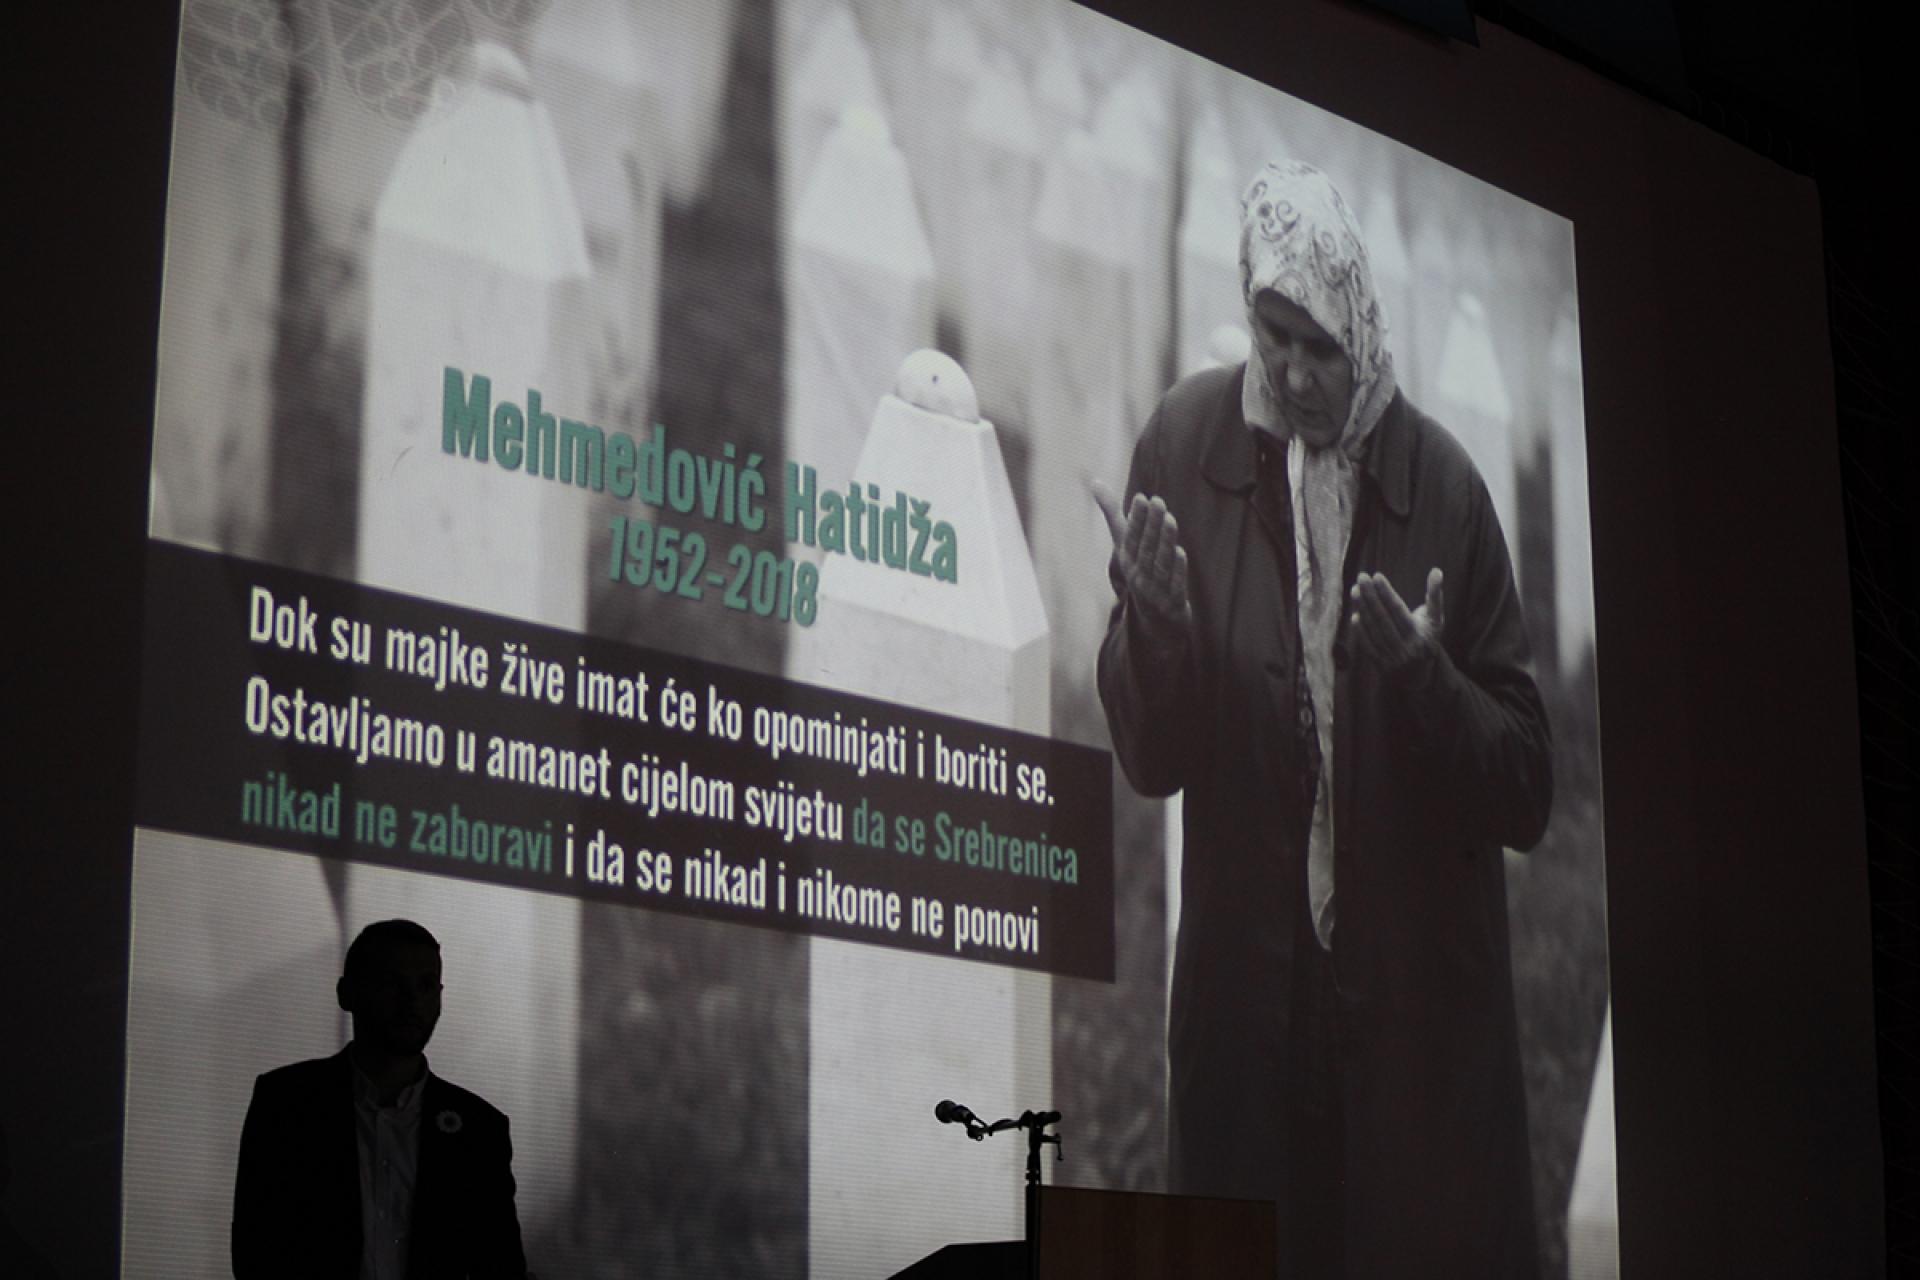 Skrajnuta vrijednost Hatidže Mehmedović